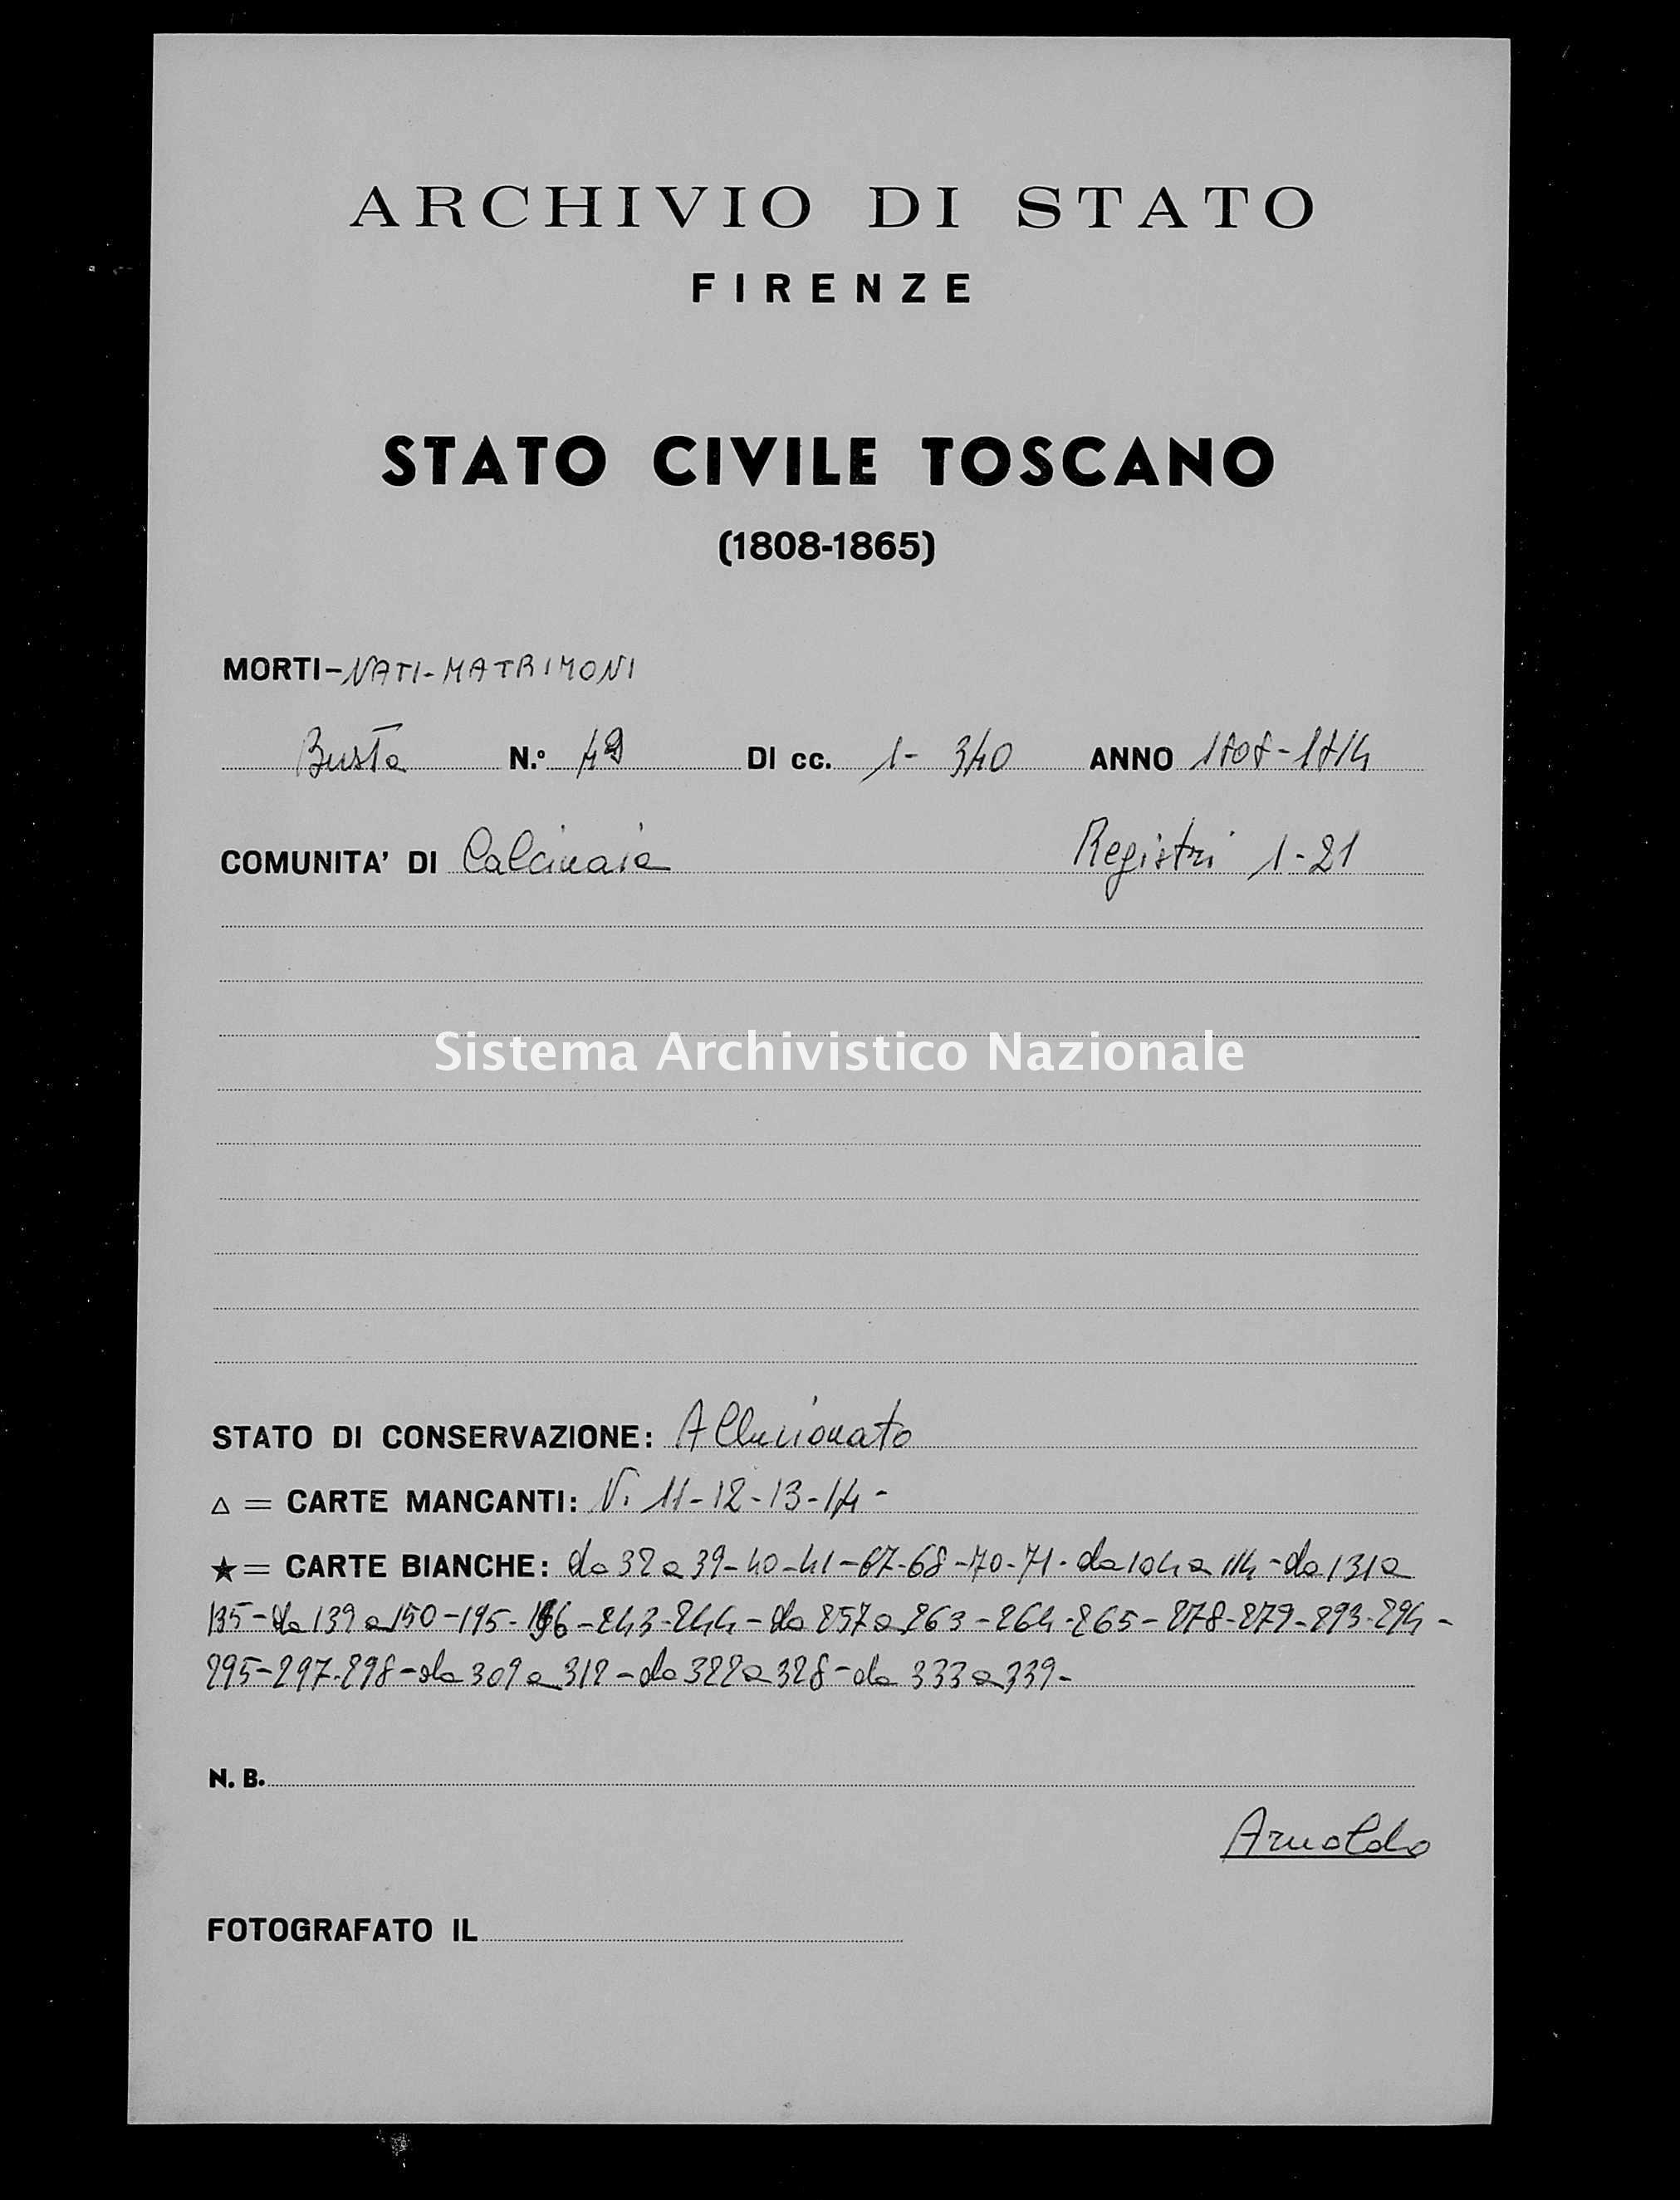 Archivio di stato di Firenze - Stato civile di Toscana (1808-1865) - Calcinaia - Morti - 1808 - 49 -